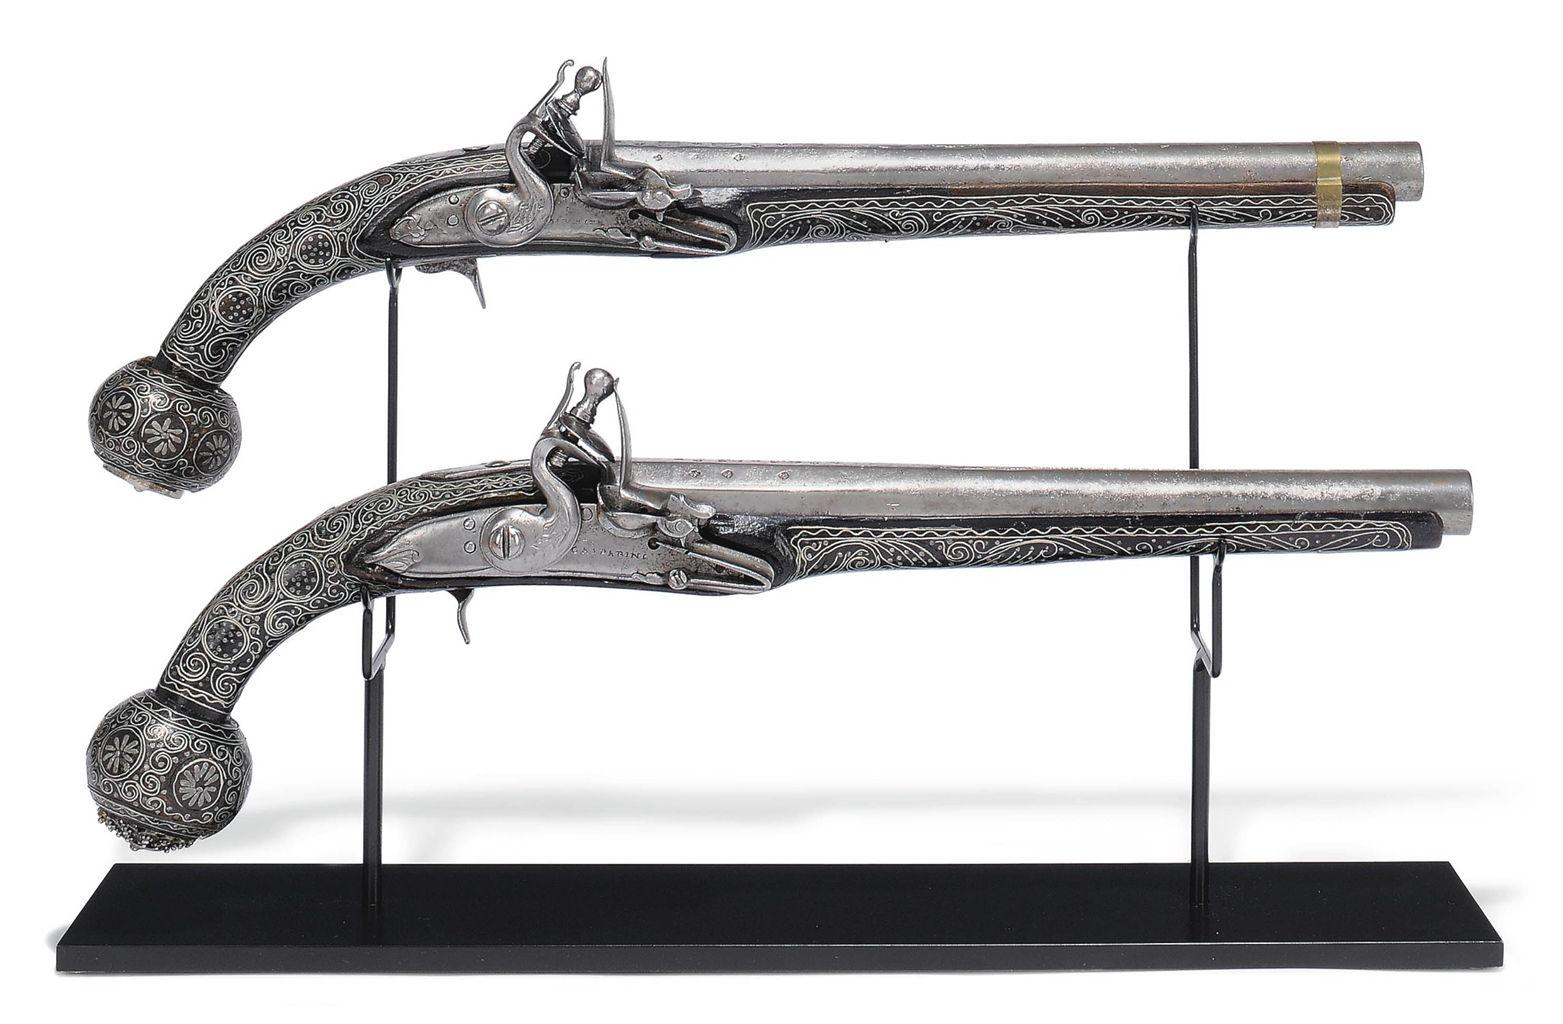 A Pair Of Ottoman Flintlock Pistols Kubur Turkey Late 18th